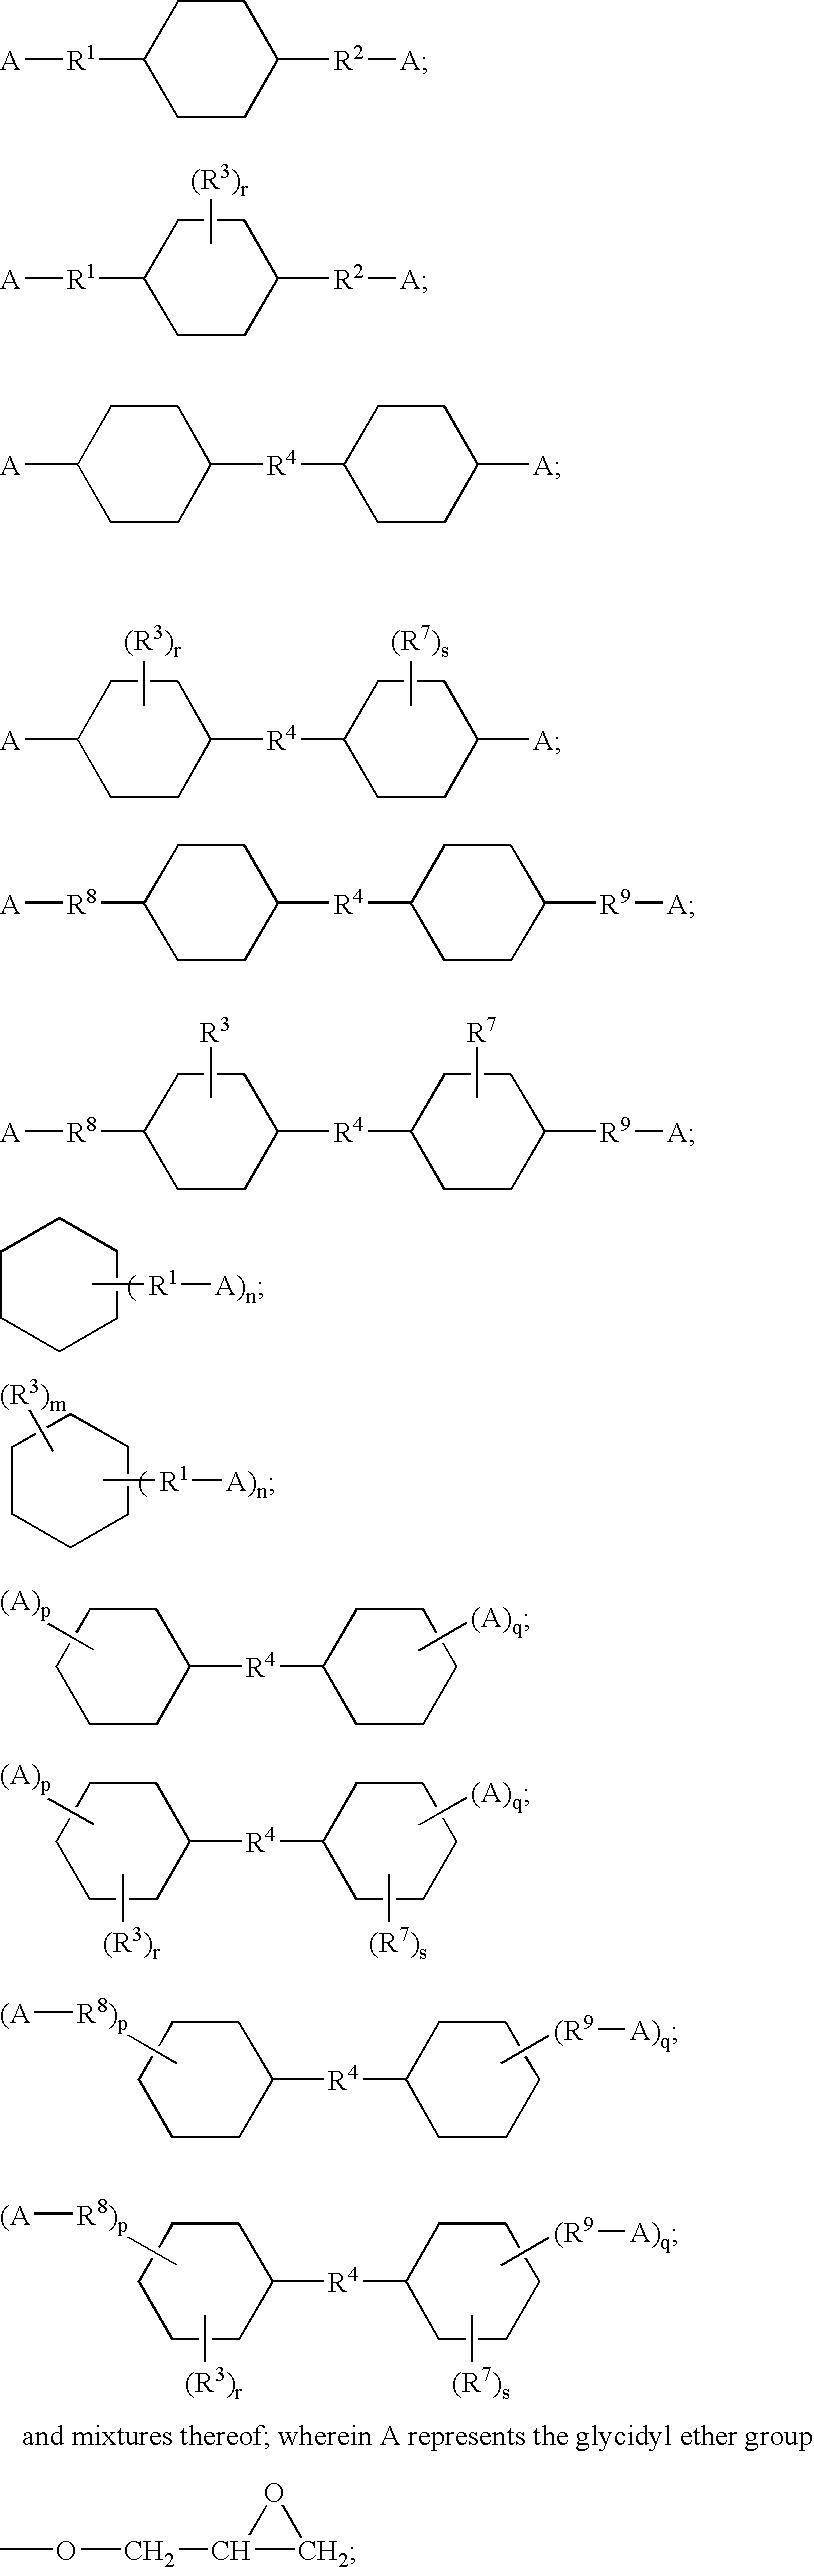 Figure US20030236388A1-20031225-C00001